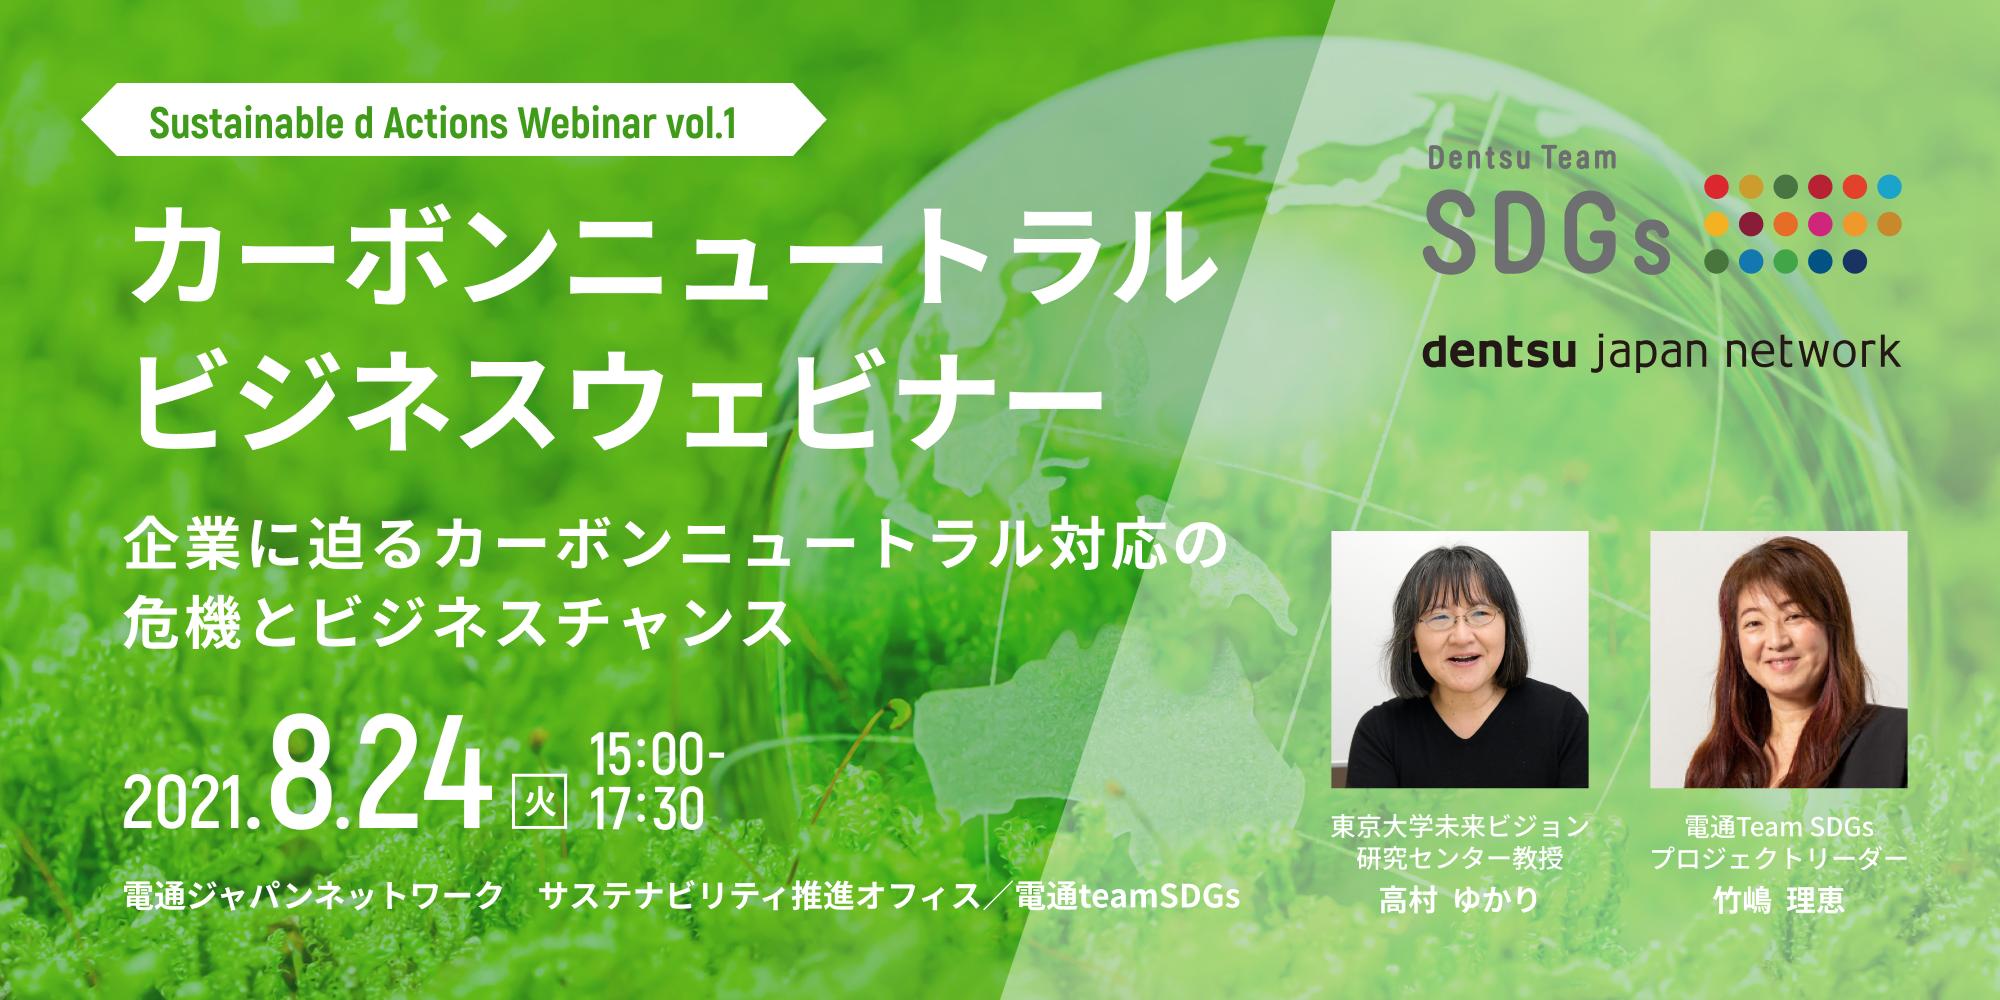 ※受付を終了いたしました※2021/8/24開催【Sustainable d Actions Webinar】Vol.1 カーボンニュートラル